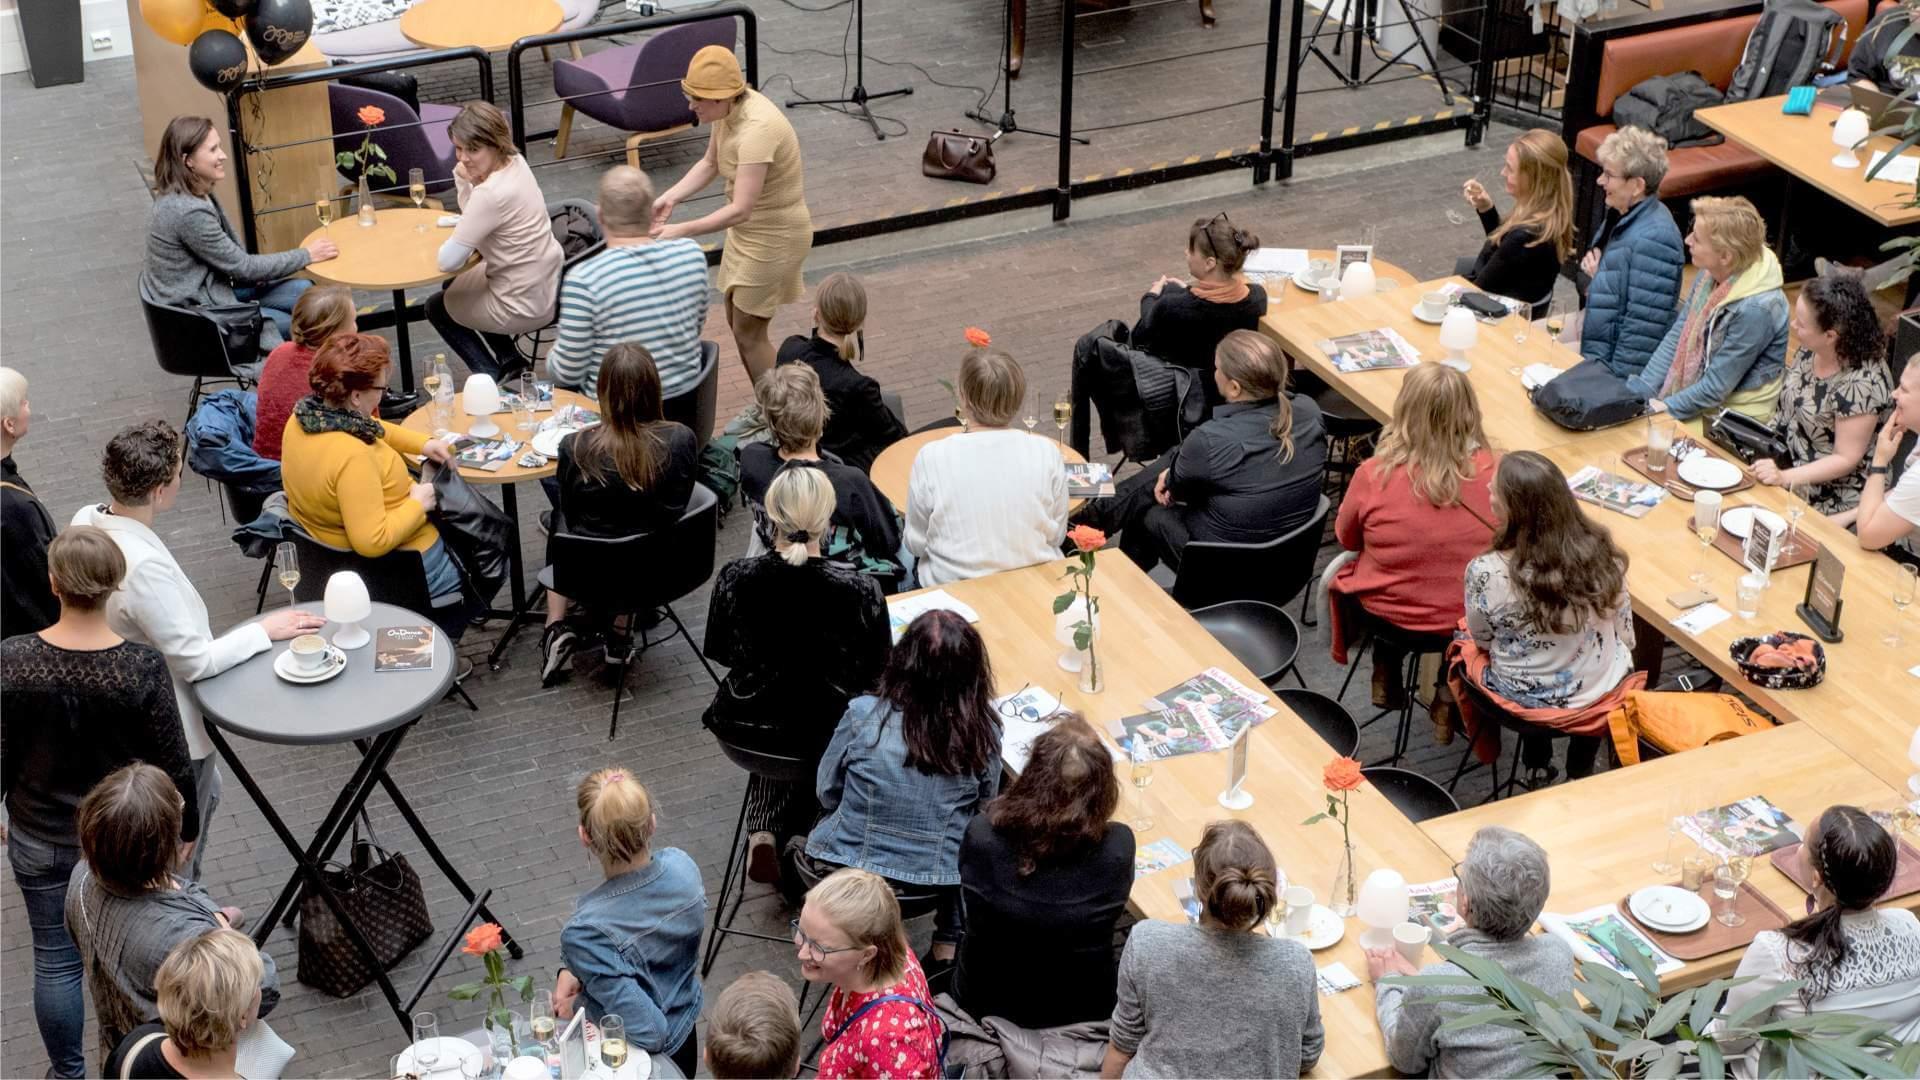 Kuva esiintyjästä keskustelemassa yleisön kanssa.